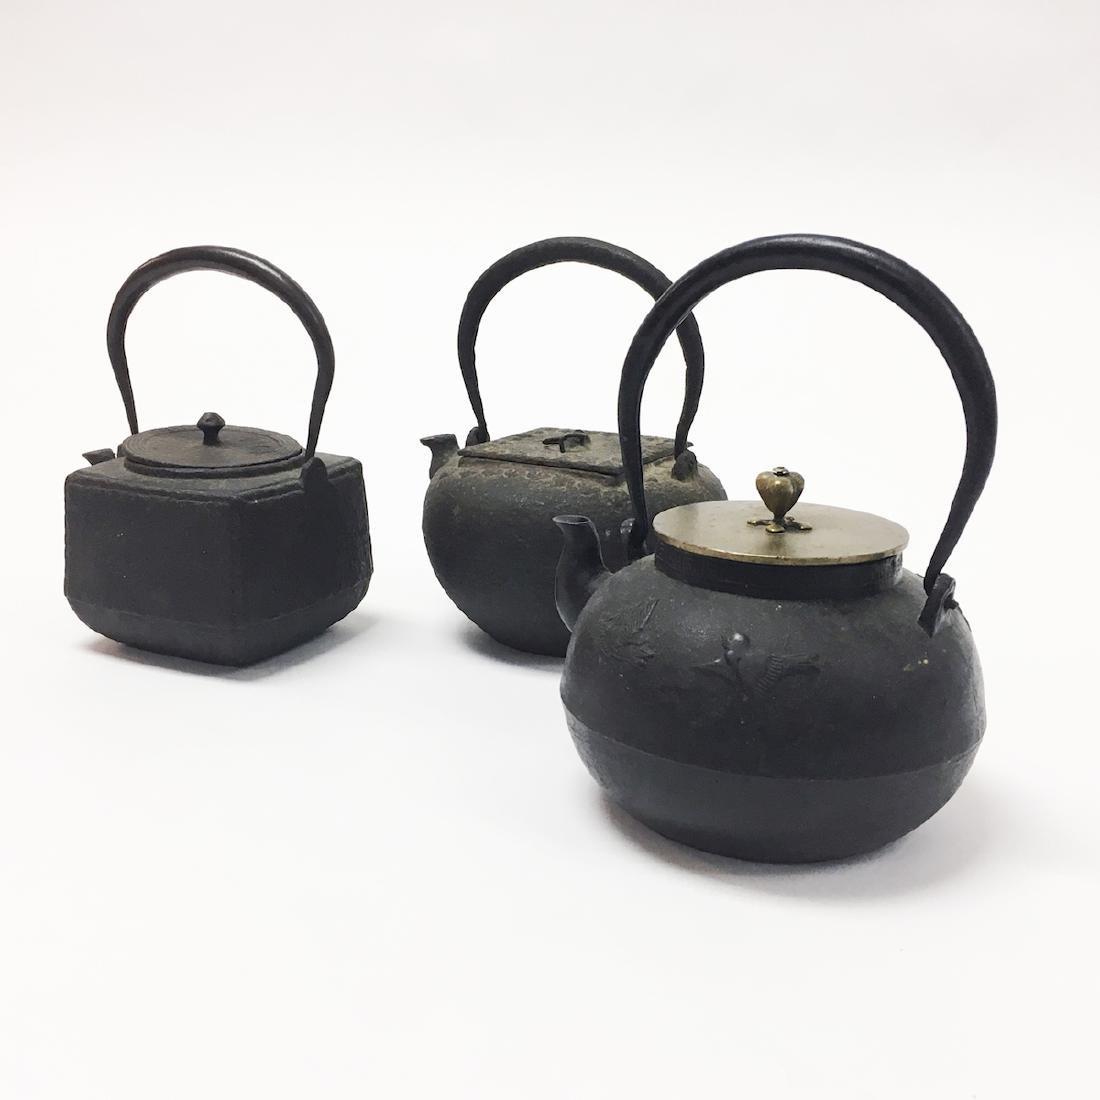 Three Asian Iron Teapots - 2